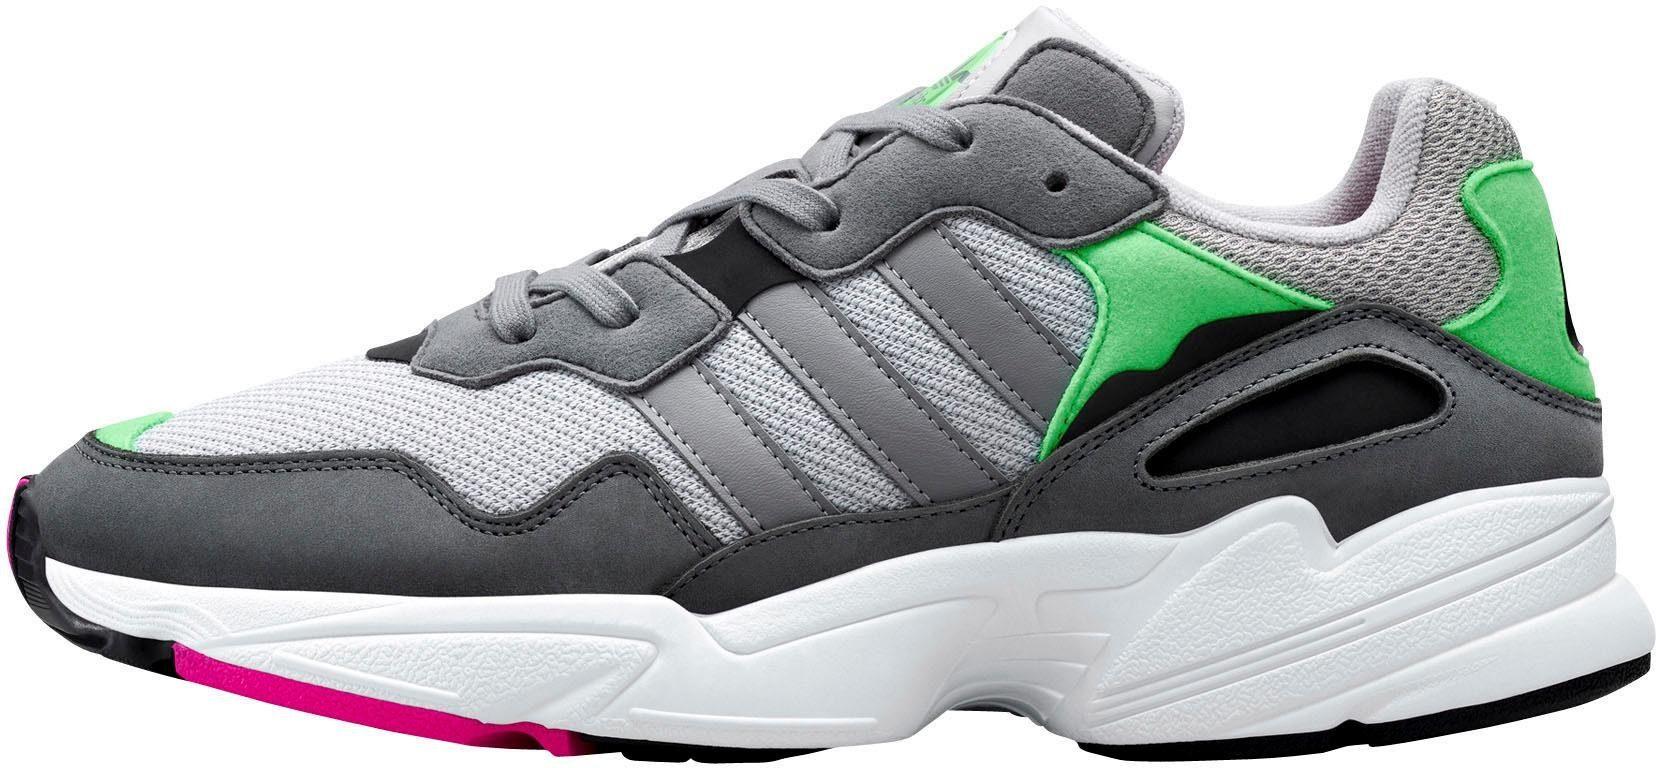 adidas Originals »Yung 96« Sneaker, Dad Sneaker von adidas online kaufen | OTTO